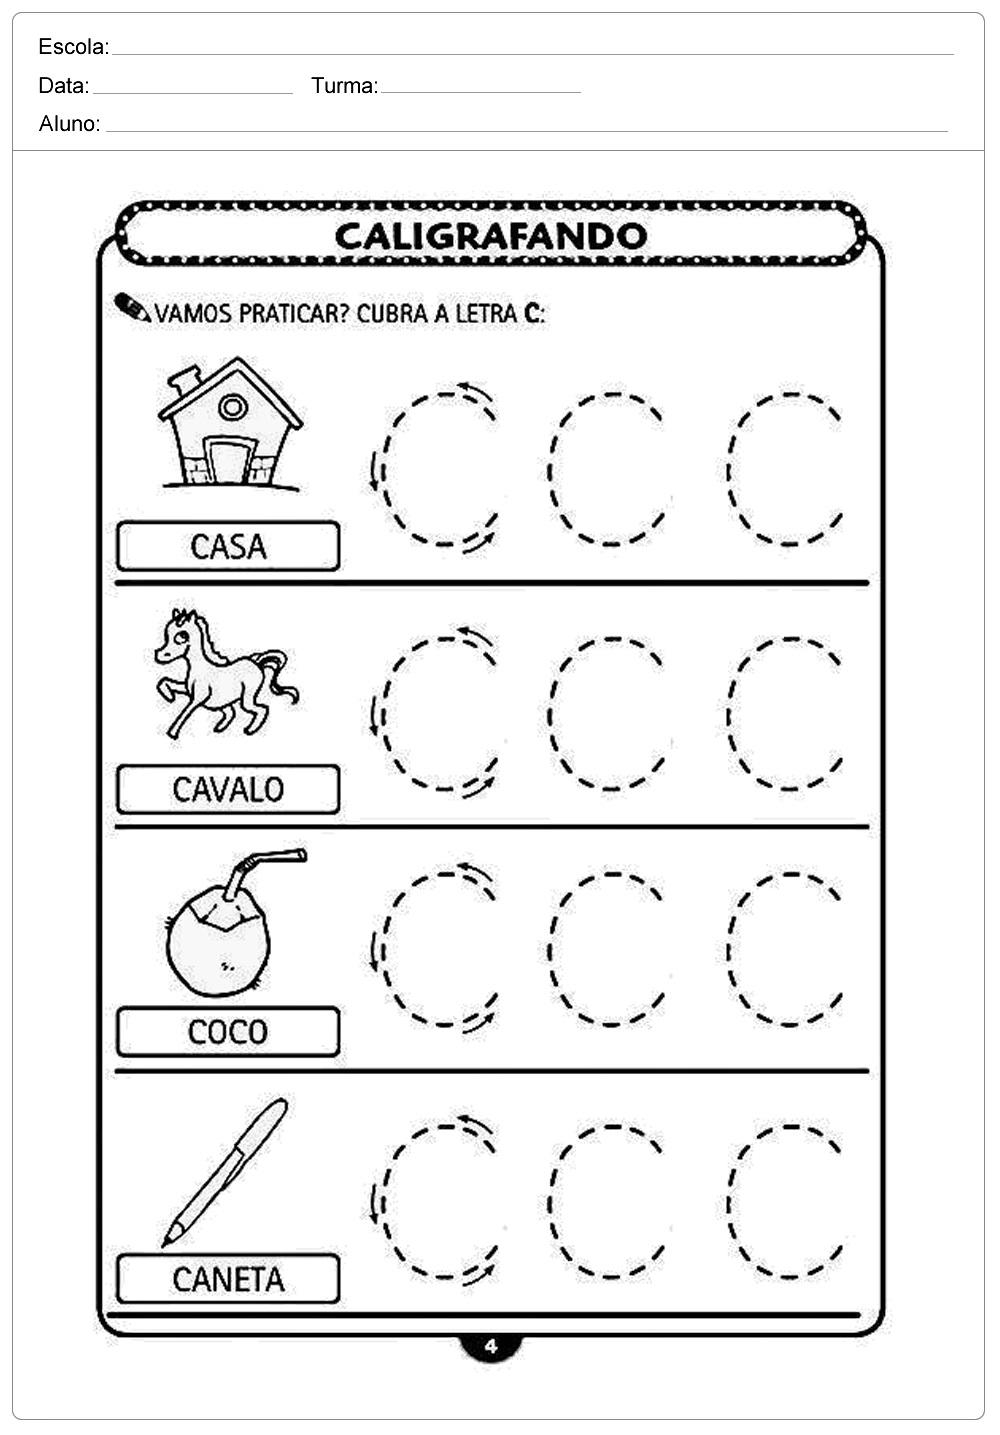 imprimir-atividade-de-caligrafia-letra-C